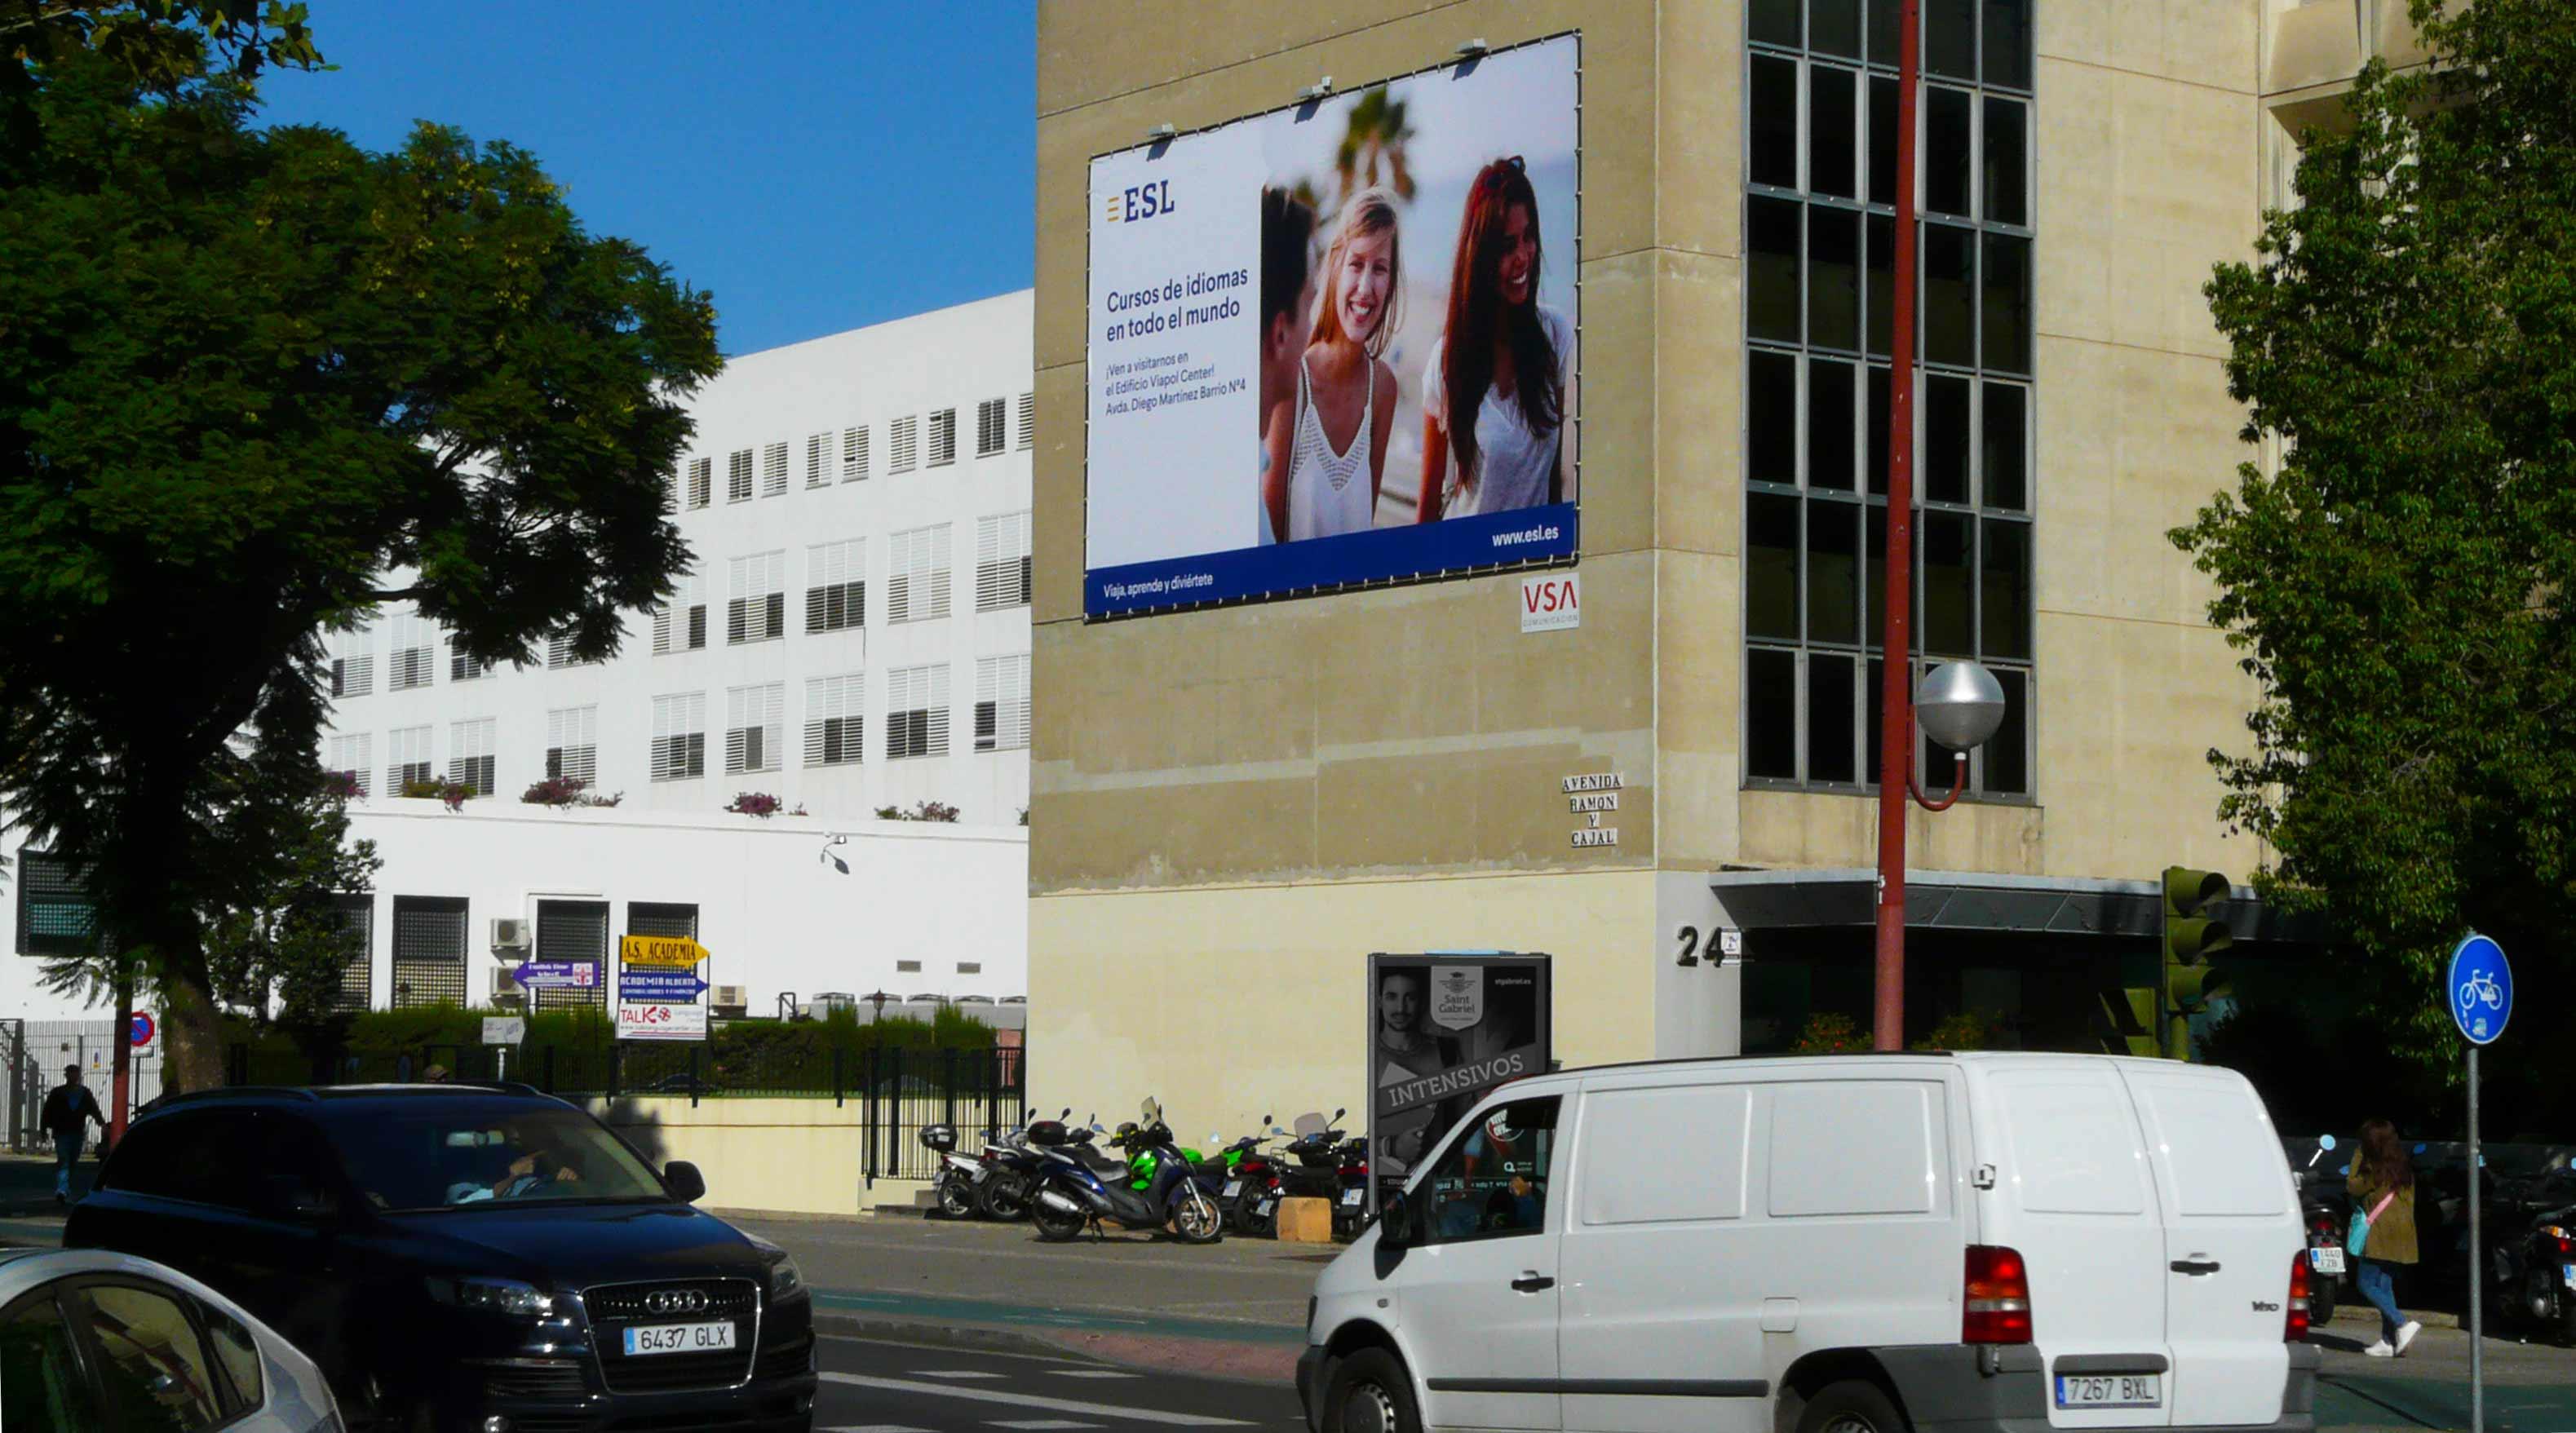 pym-medianera-publicidad-exterior-esl-escuela-idiomas-san-francisco-javier-sevilla-vsa-comunicacion